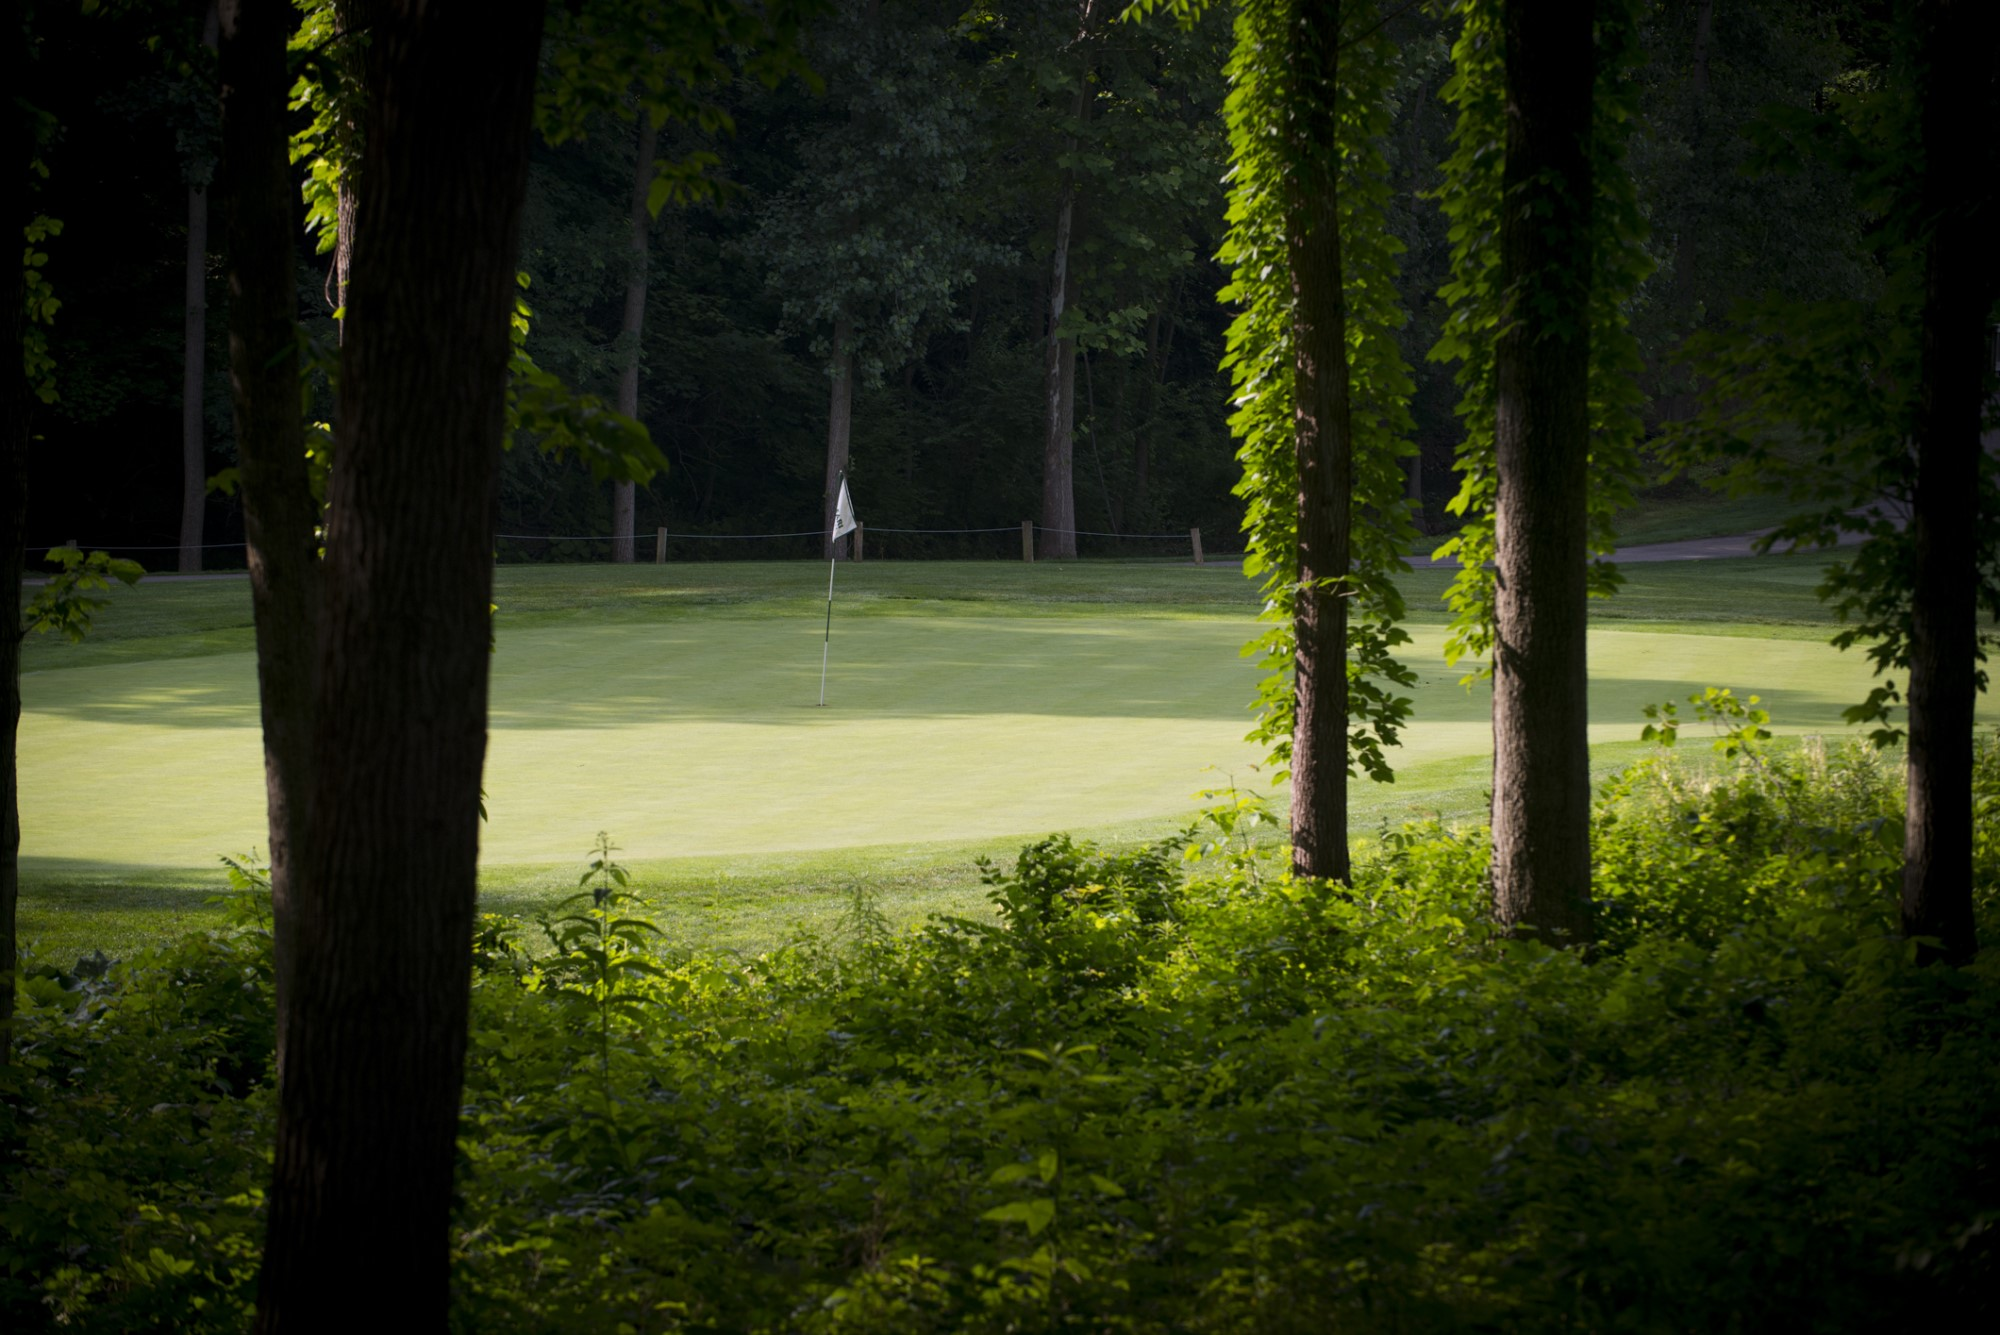 Safari Golf Course 1903 - Grahm S. Jones, Columbus Zoo and Aquarium A